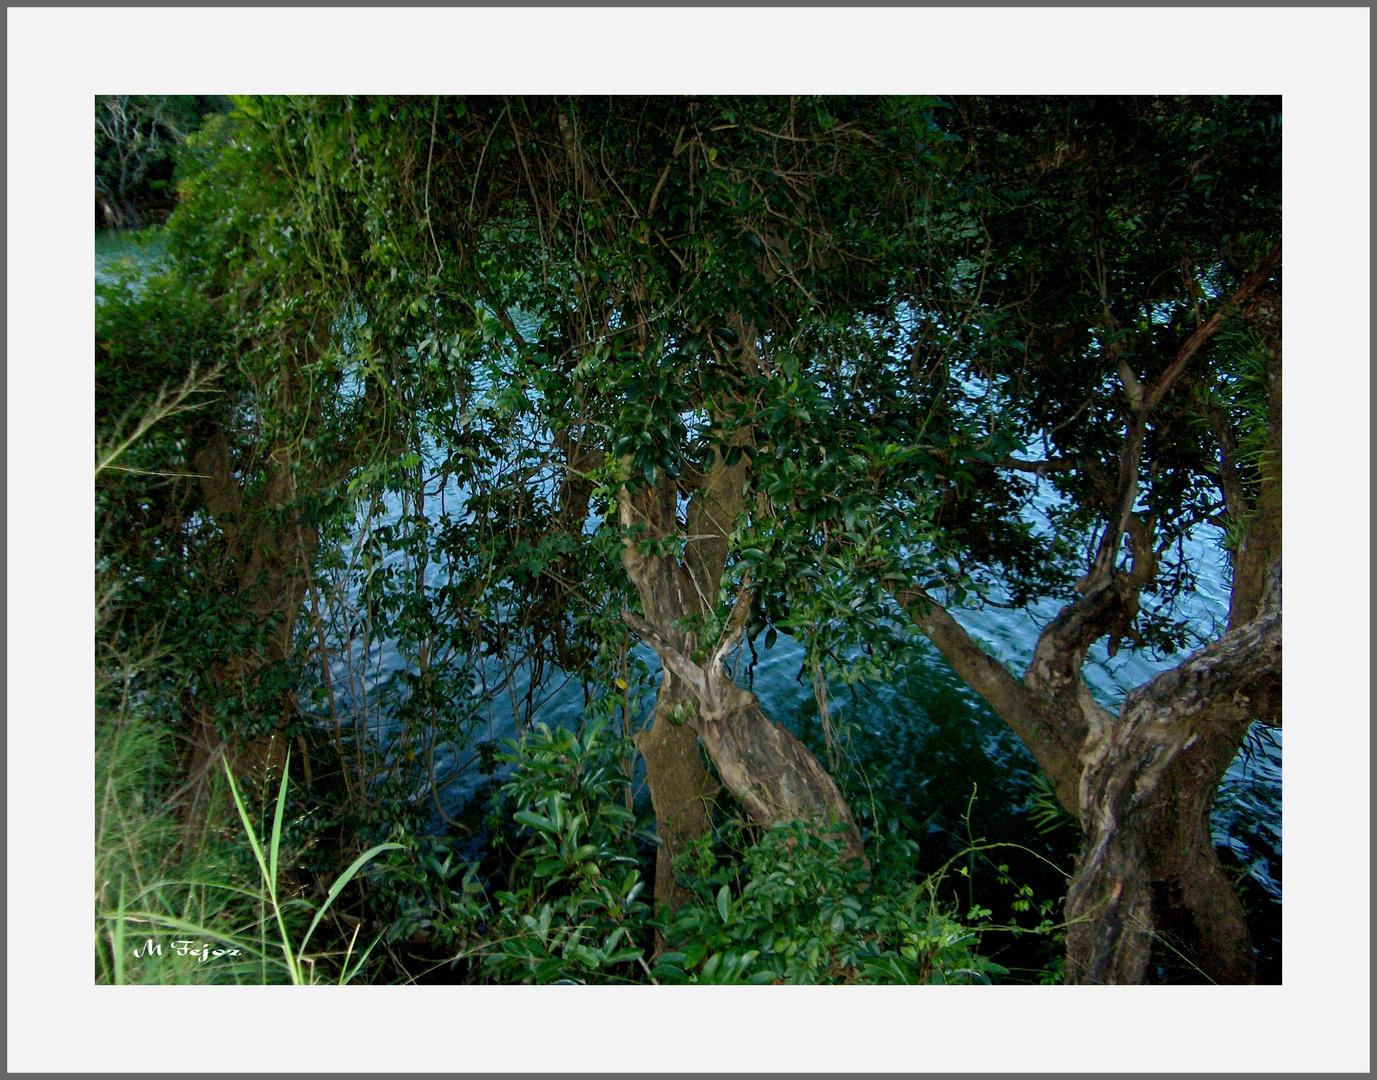 Les arbres dans la rivière